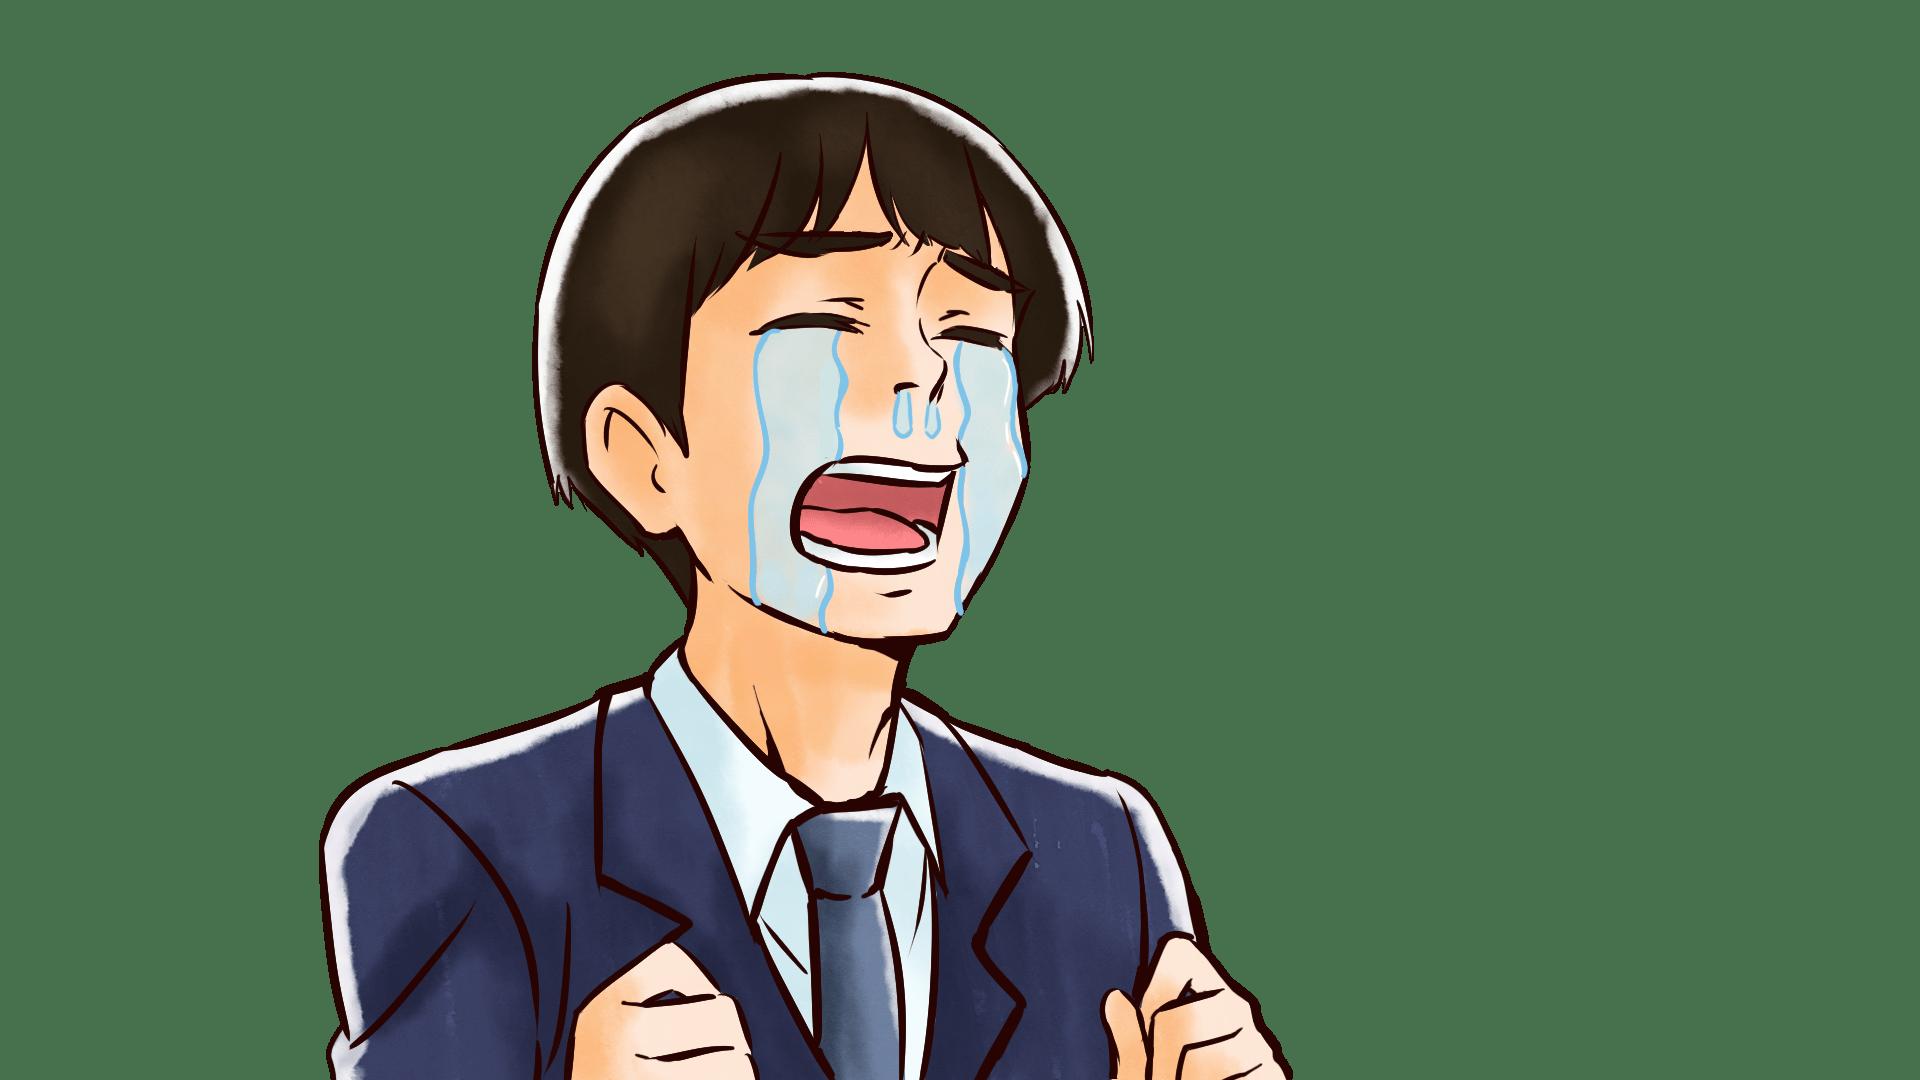 号泣する若い社会人男性のフリーイラスト画像素材商用無料 アイ